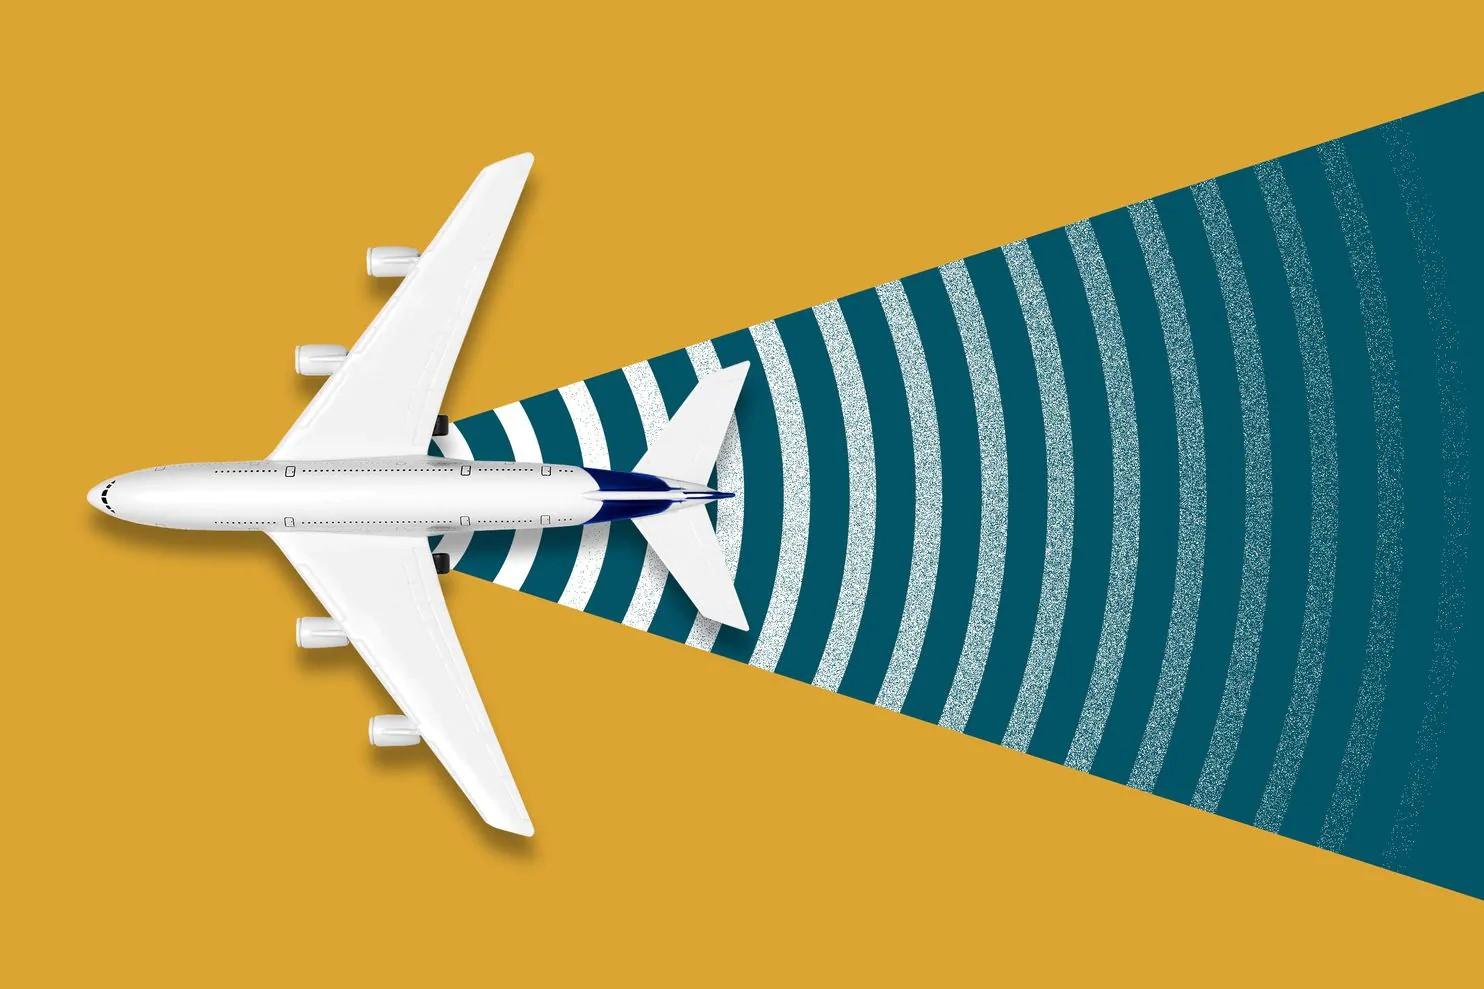 Viaggiare in aereo non è più sostenibile. E' ora di prendere provvedimenti. Ma l'Europa deve integrare le sue ferrovie nazionali